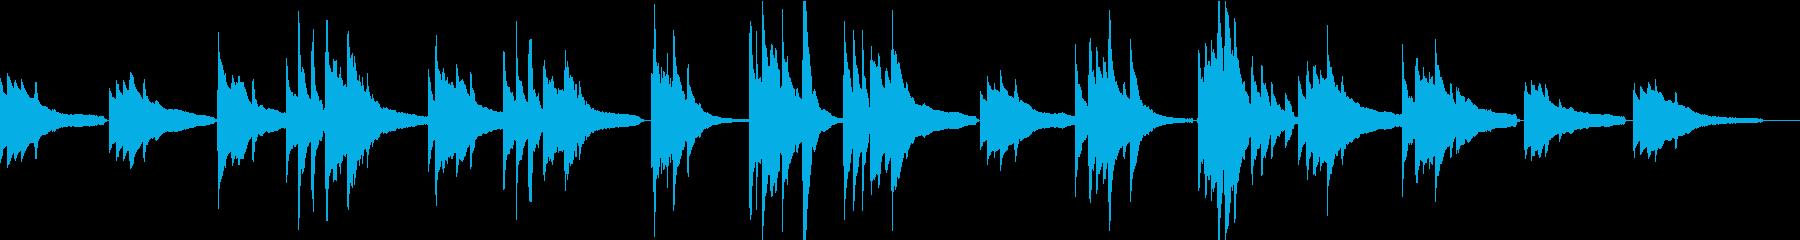 夕暮れリラックス・アコースティックギターの再生済みの波形